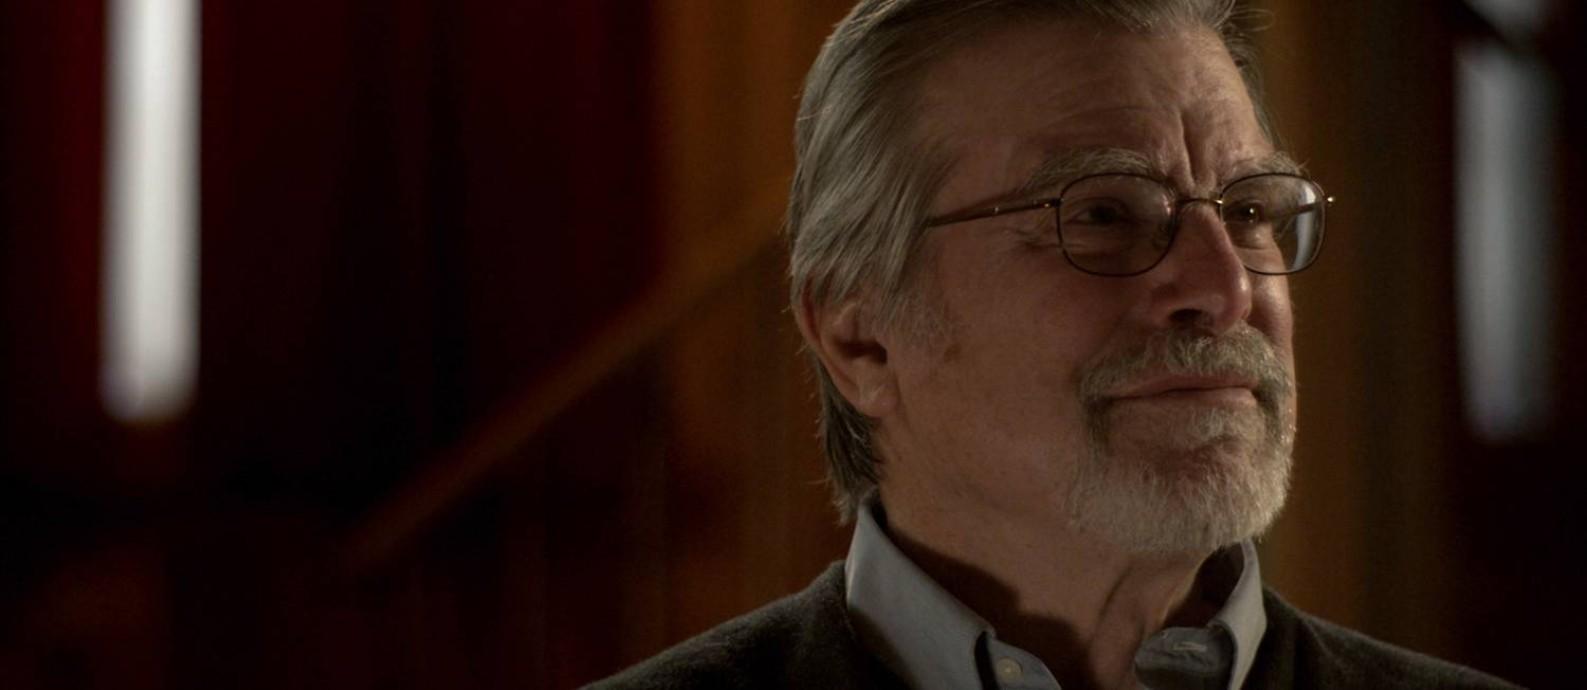 O advogado Philip Toelkes em cena do documentário 'Wild Wild Country' Foto: Netflix / Reprodução